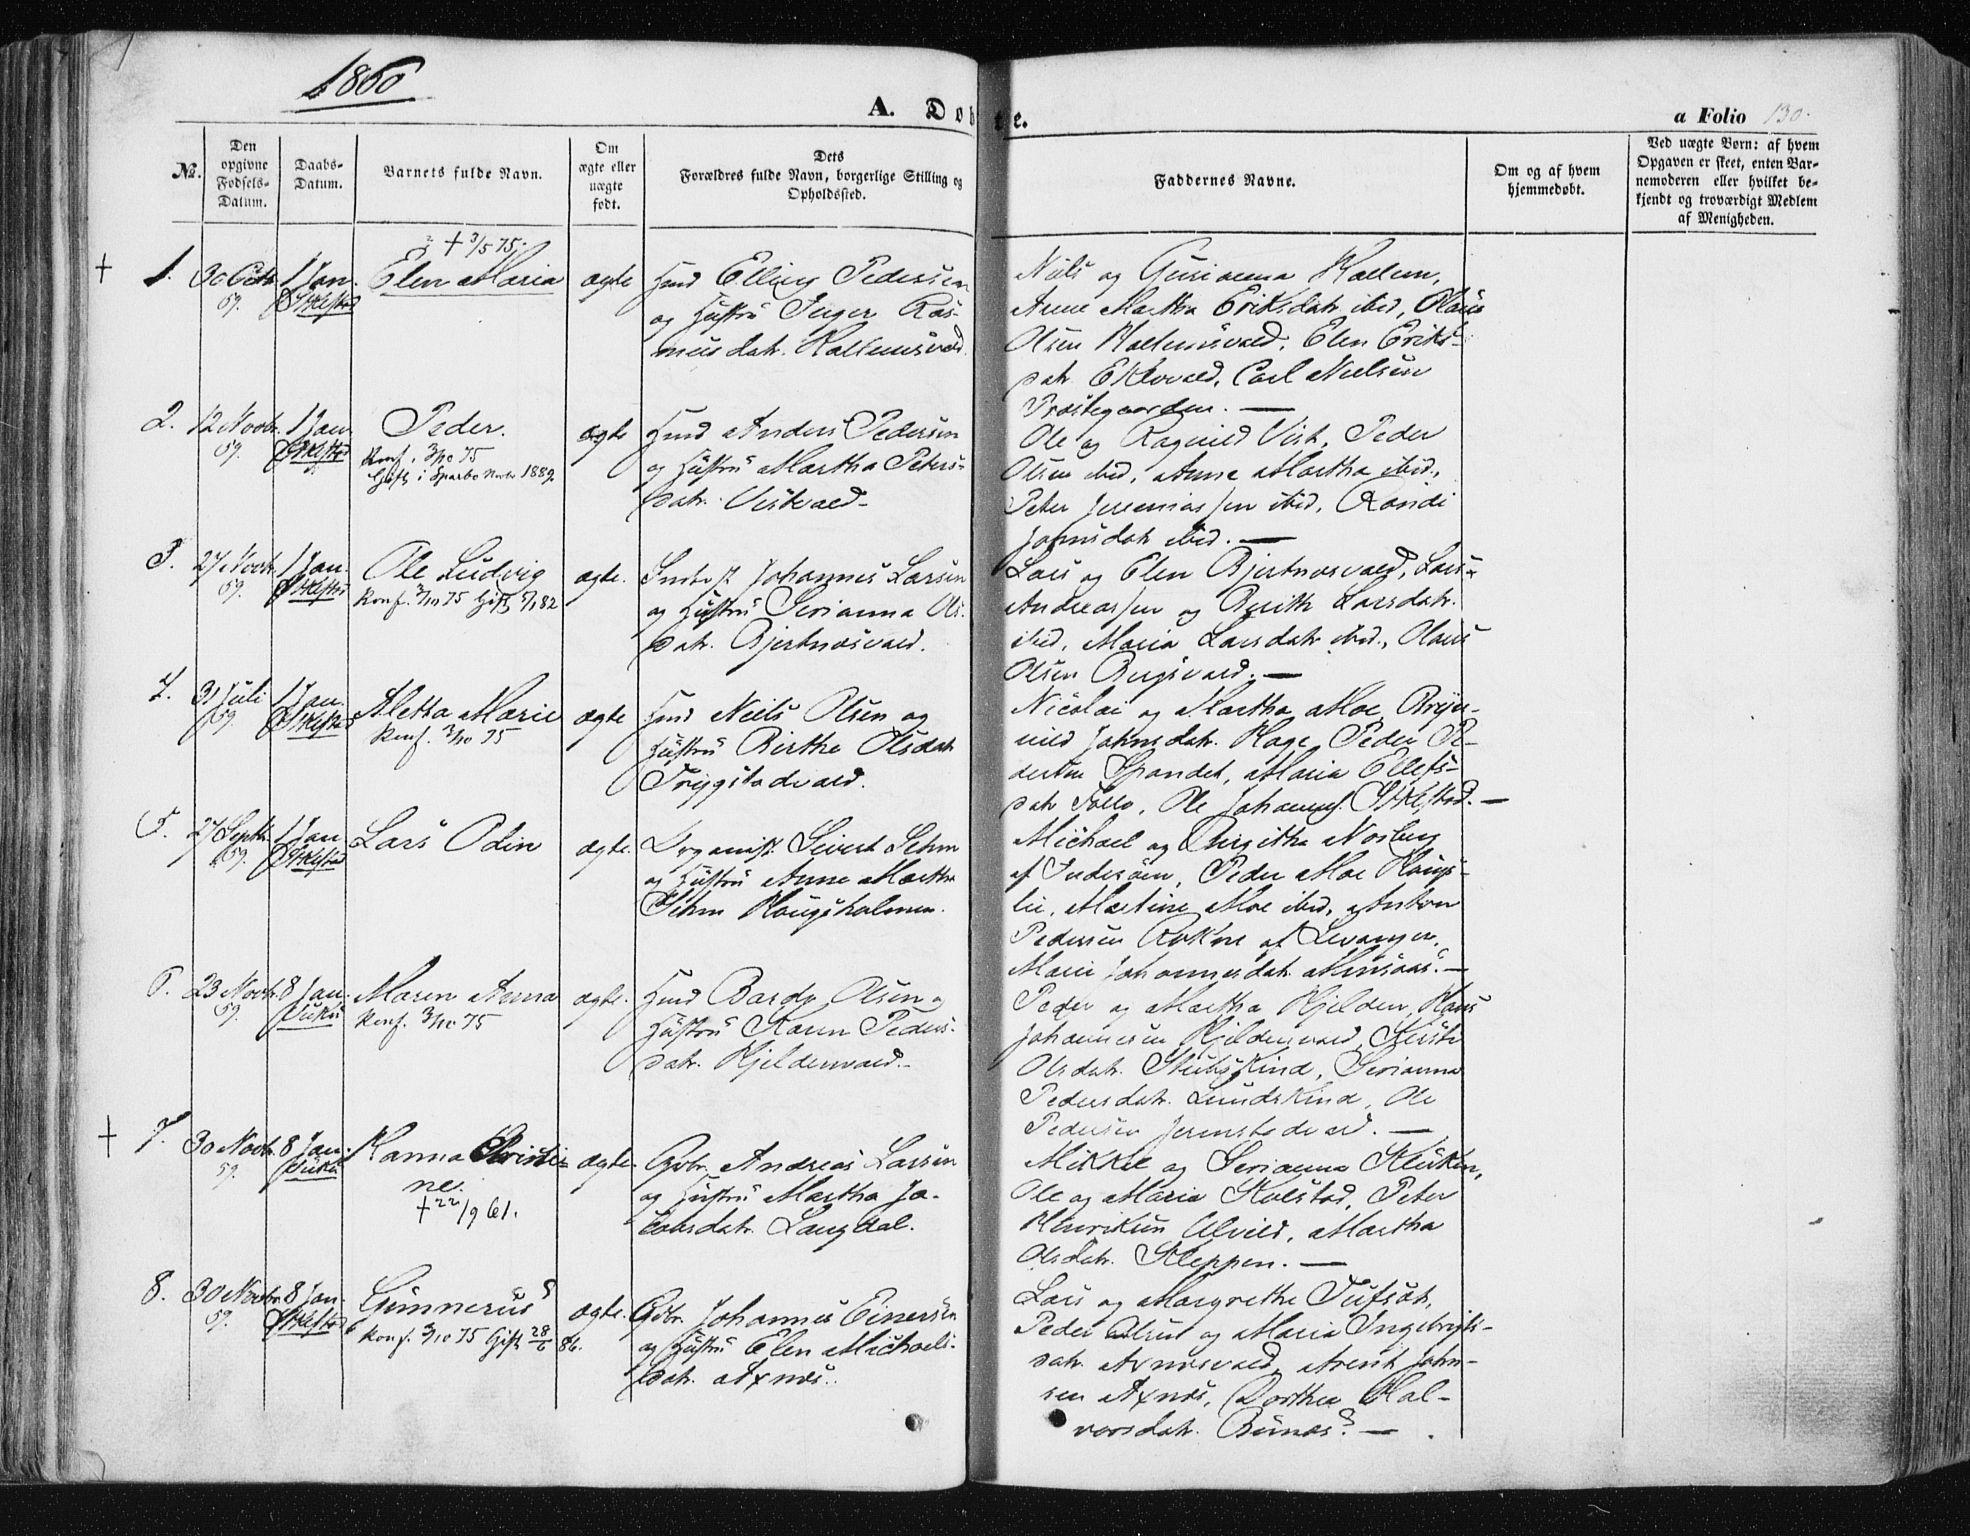 SAT, Ministerialprotokoller, klokkerbøker og fødselsregistre - Nord-Trøndelag, 723/L0240: Ministerialbok nr. 723A09, 1852-1860, s. 130